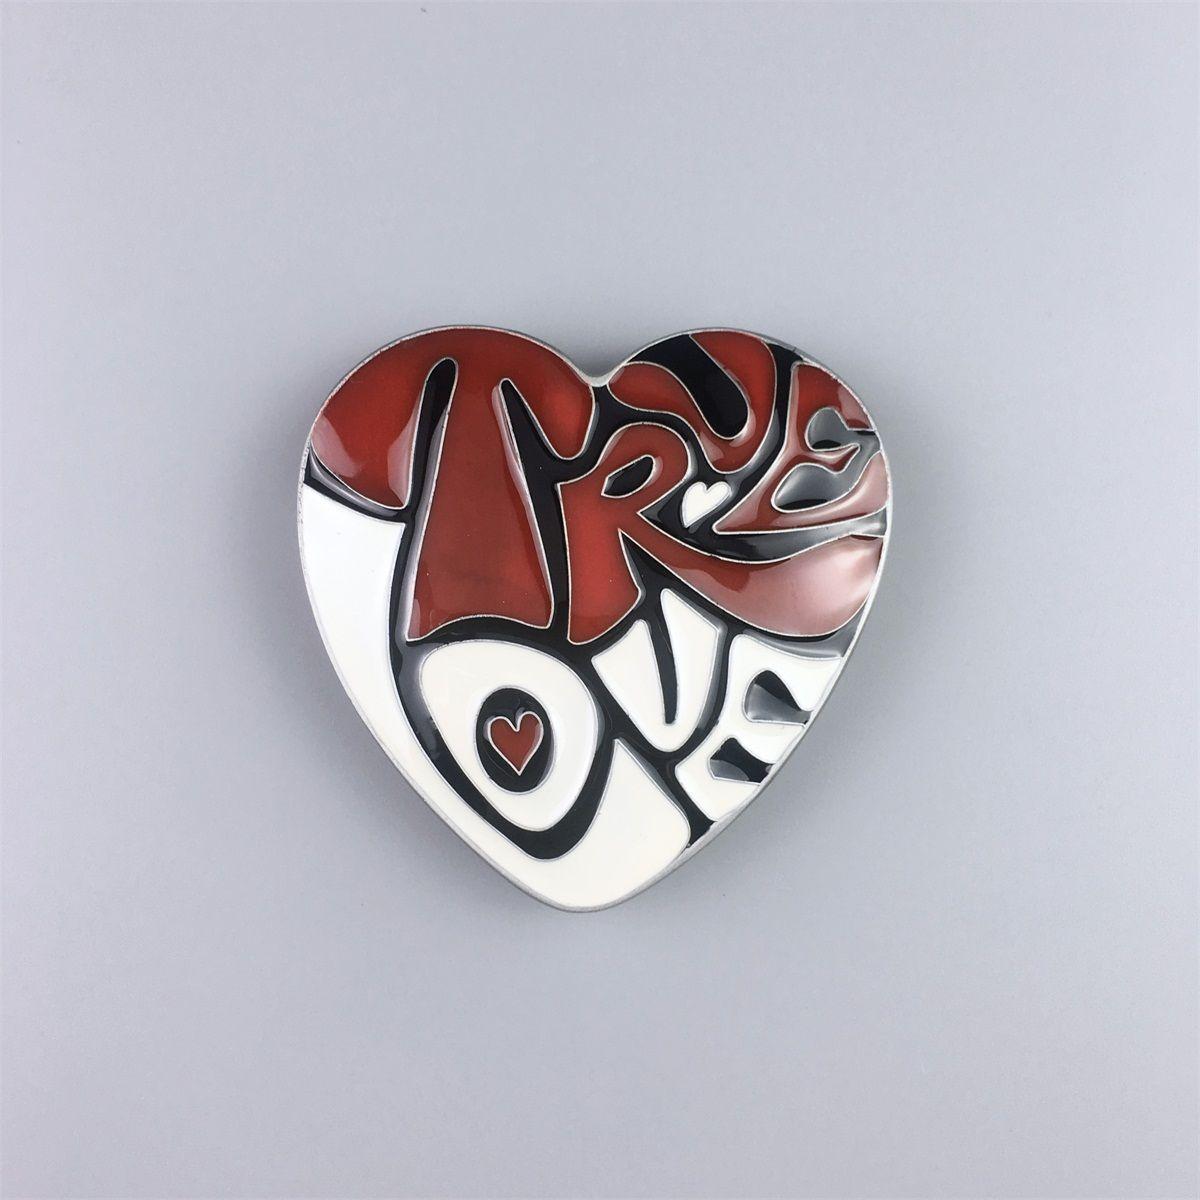 Nuevo Original True Love Heart Esmalte Belt Buckle Gurtelschnalle Boucle de ceinture